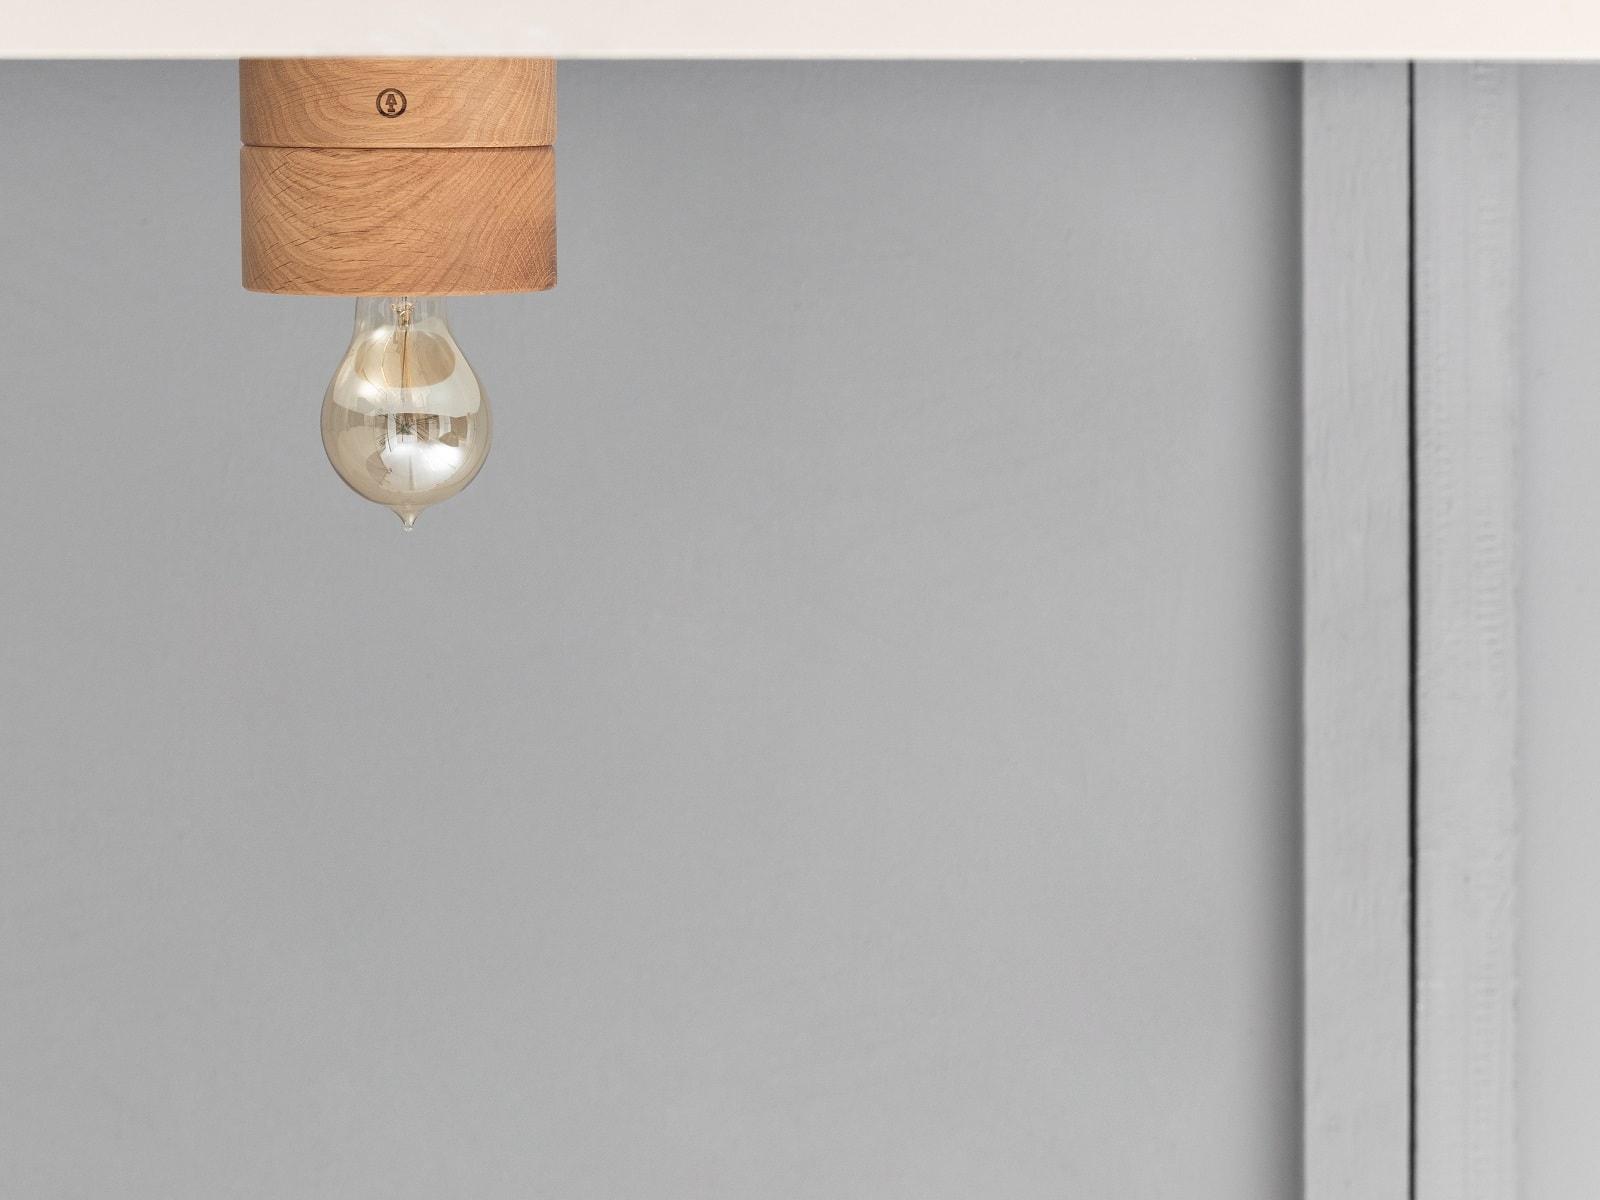 Full Size of Deckenlampe Skandinavisch Stilvolle Deckenlampen Wohnzimmer Modern Schlafzimmer Bett Esstisch Küche Für Bad Wohnzimmer Deckenlampe Skandinavisch